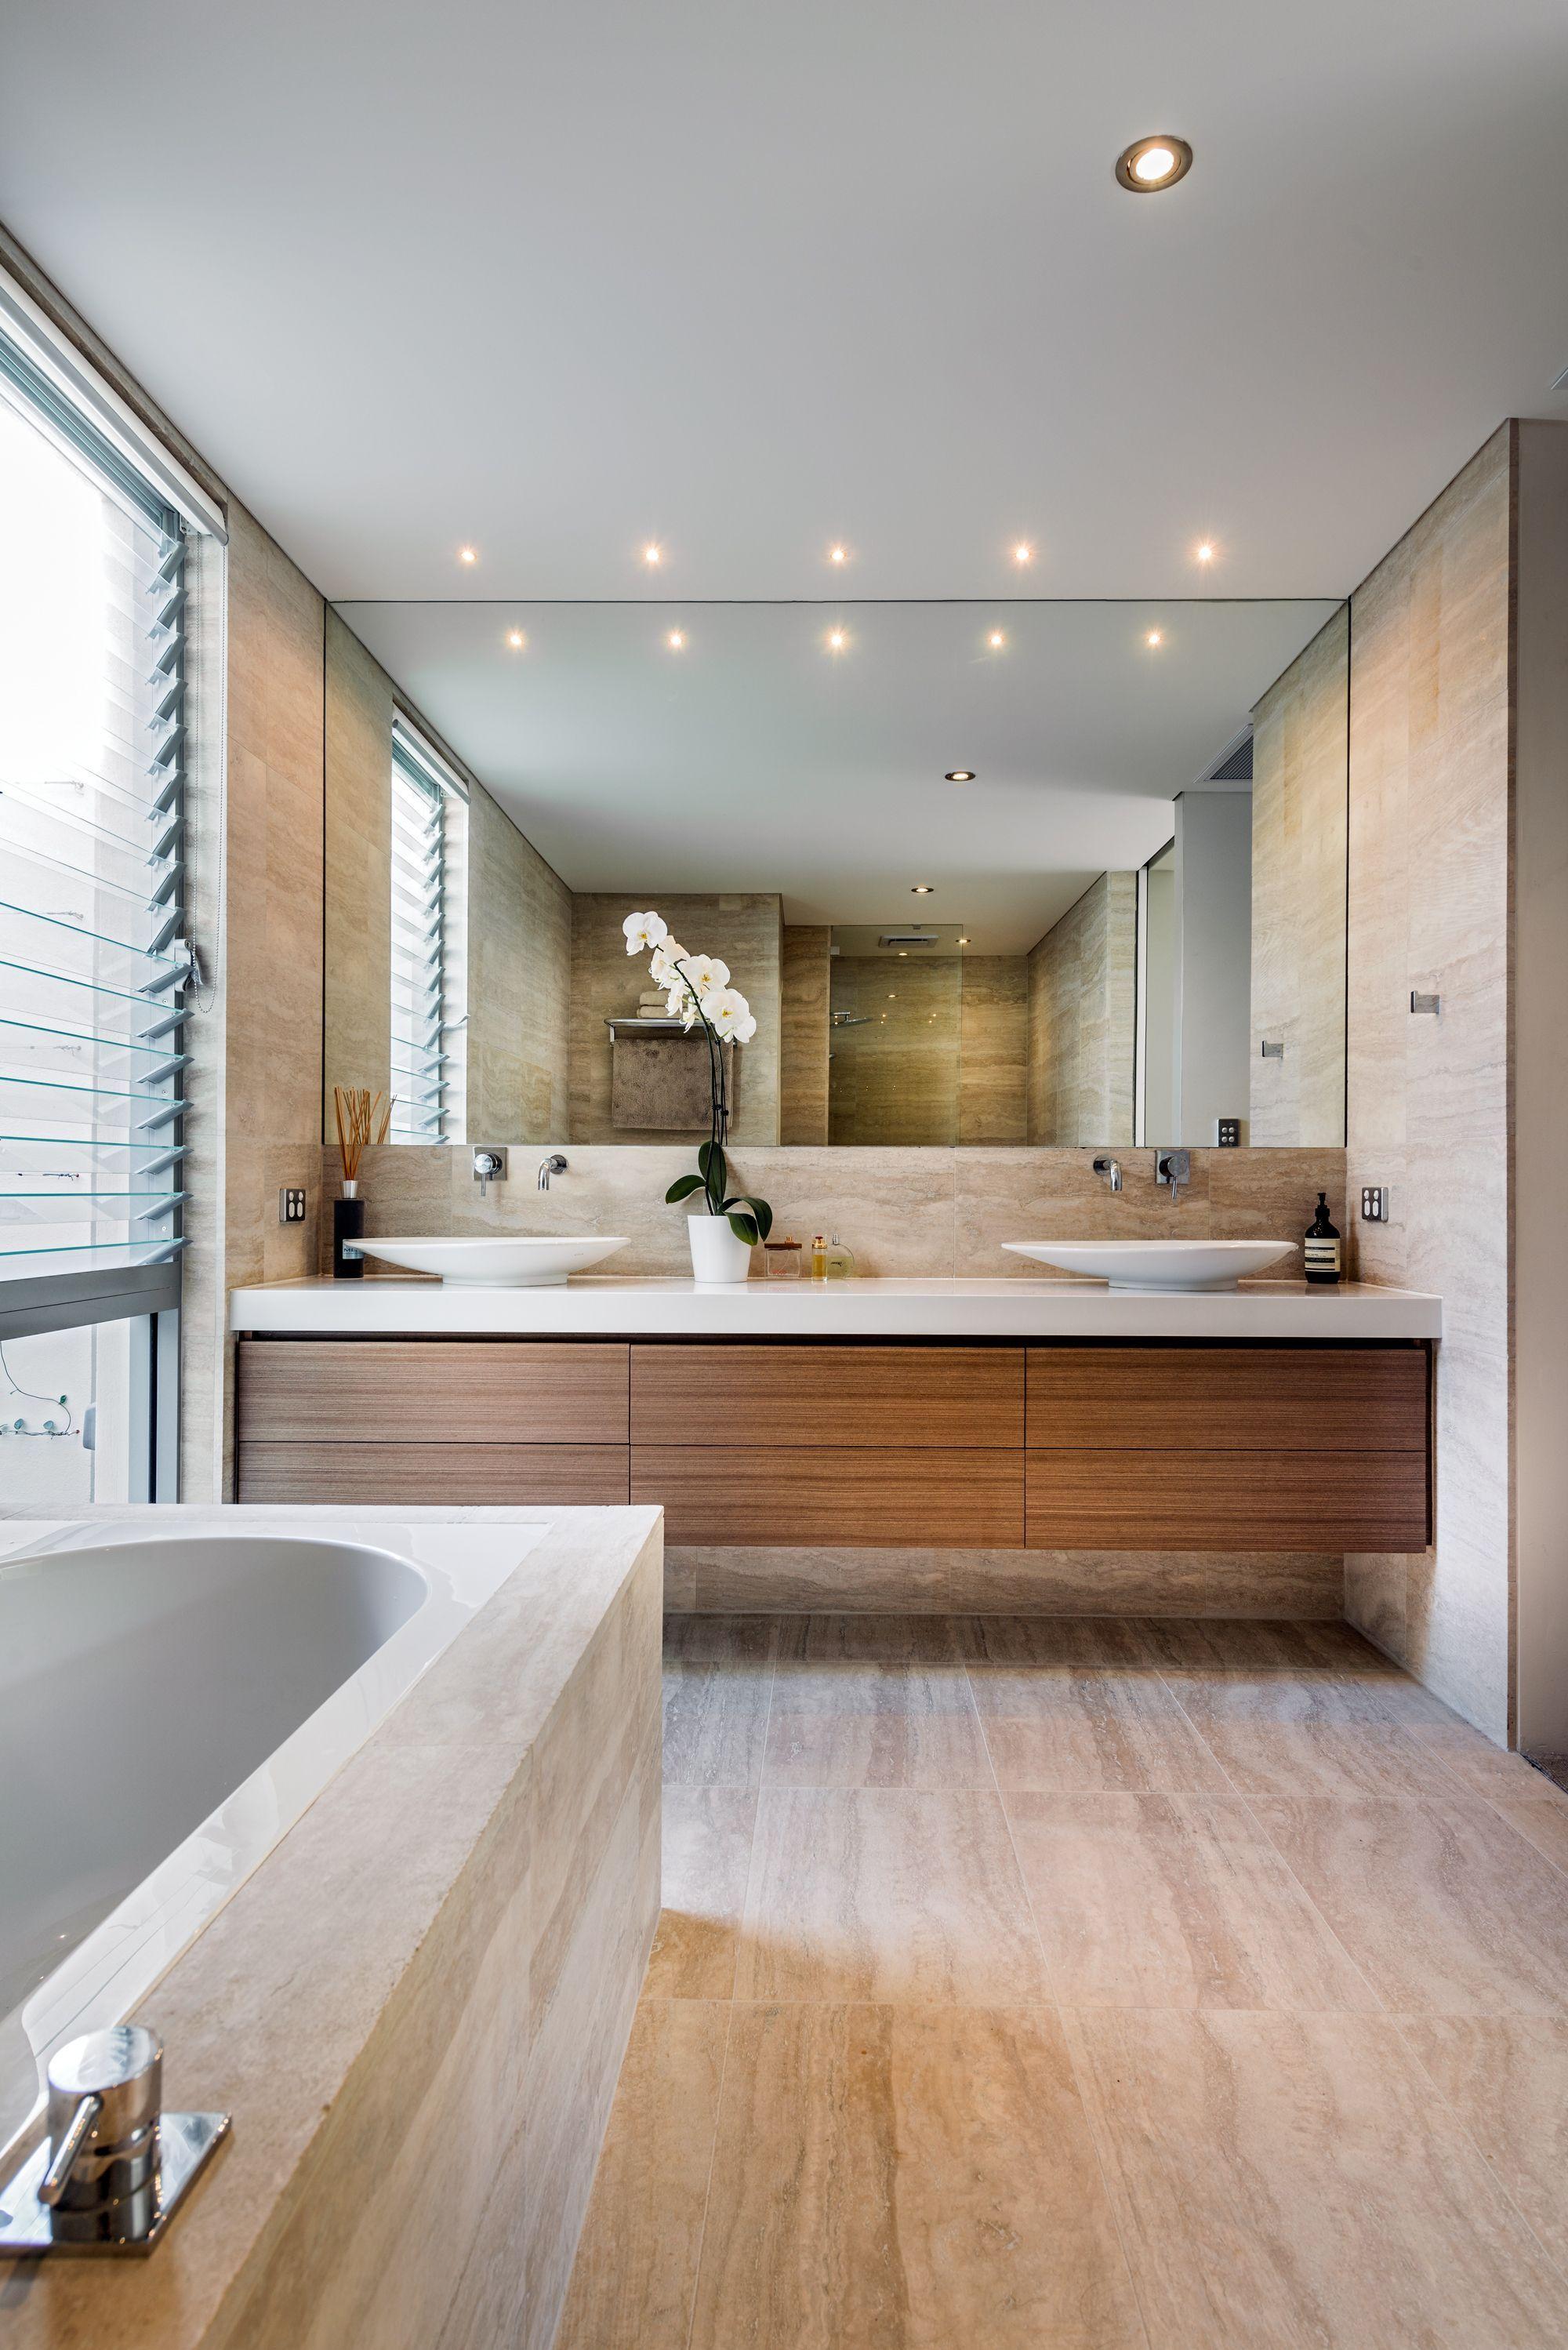 Rustikales badezimmer dekor diy coolmodernbathroomlightingfixtures  perfect bathroom mirror in